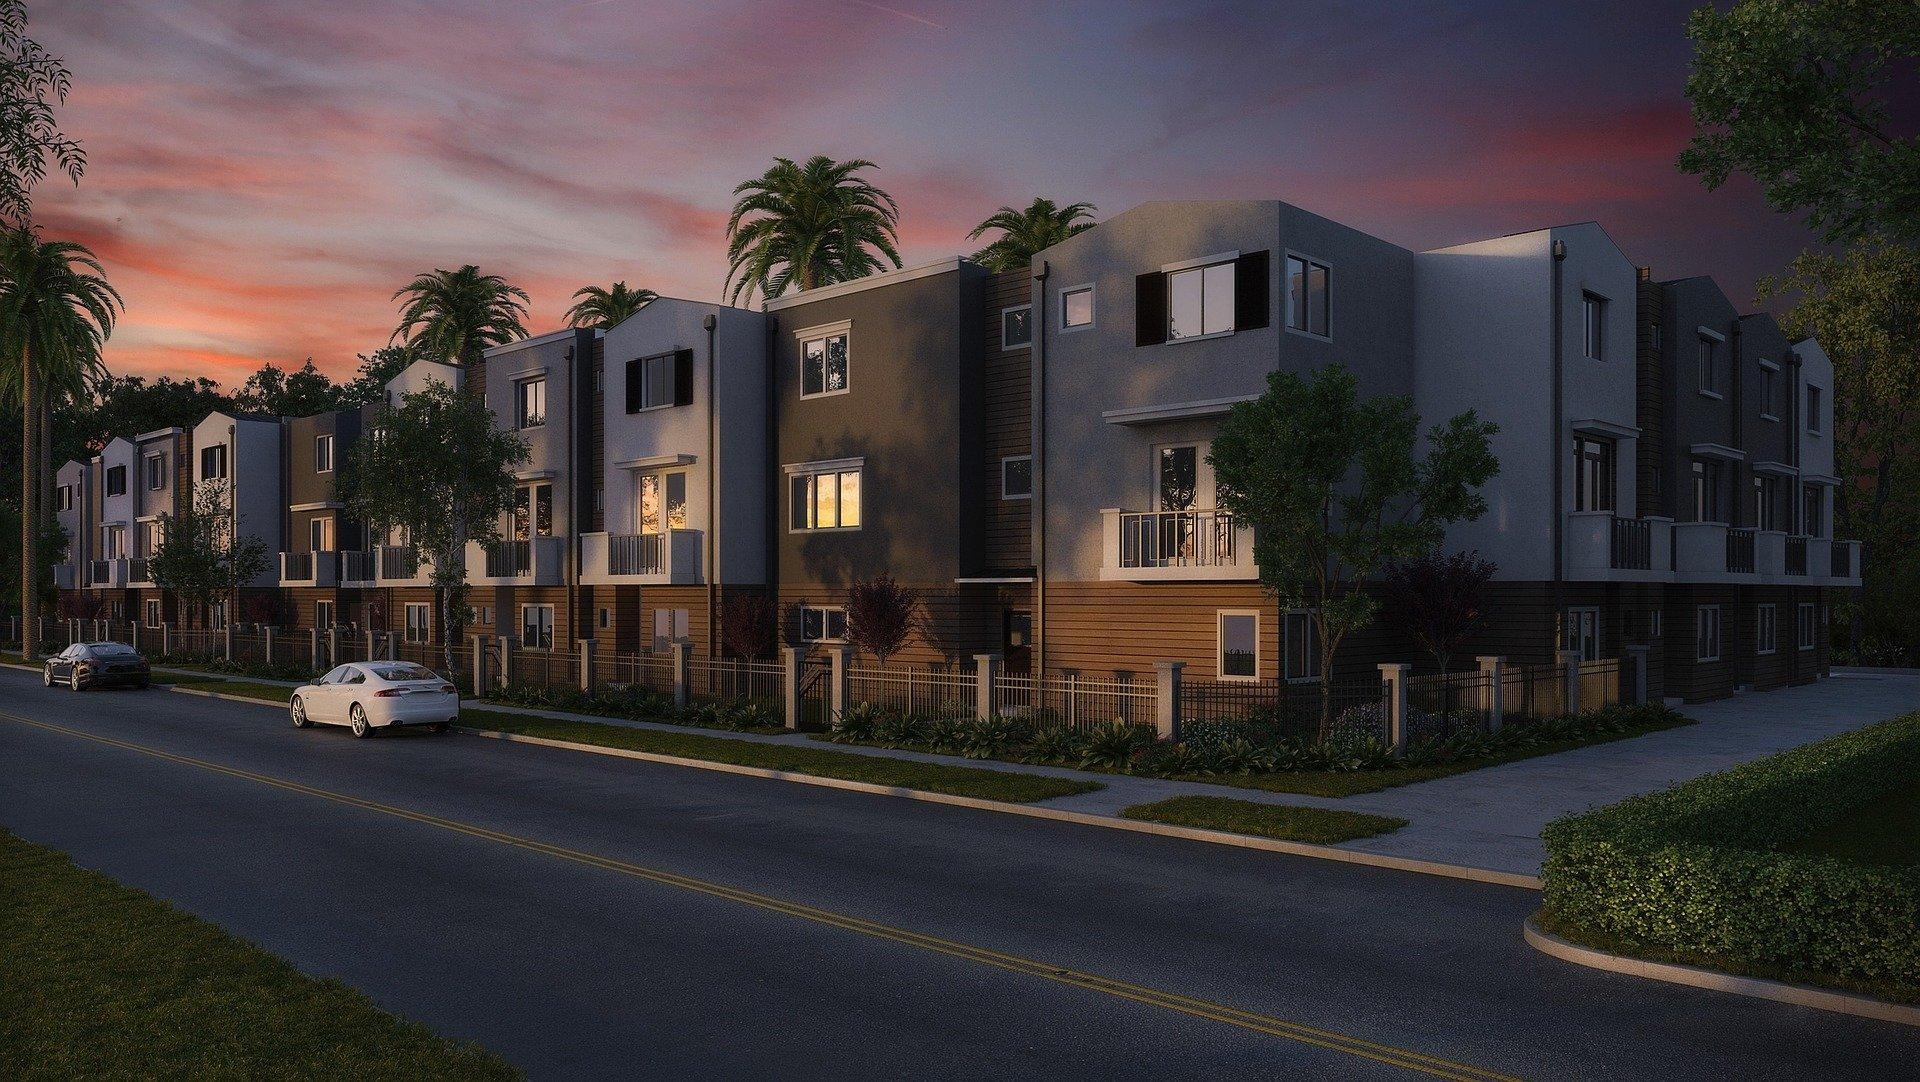 constructions de logements neufs